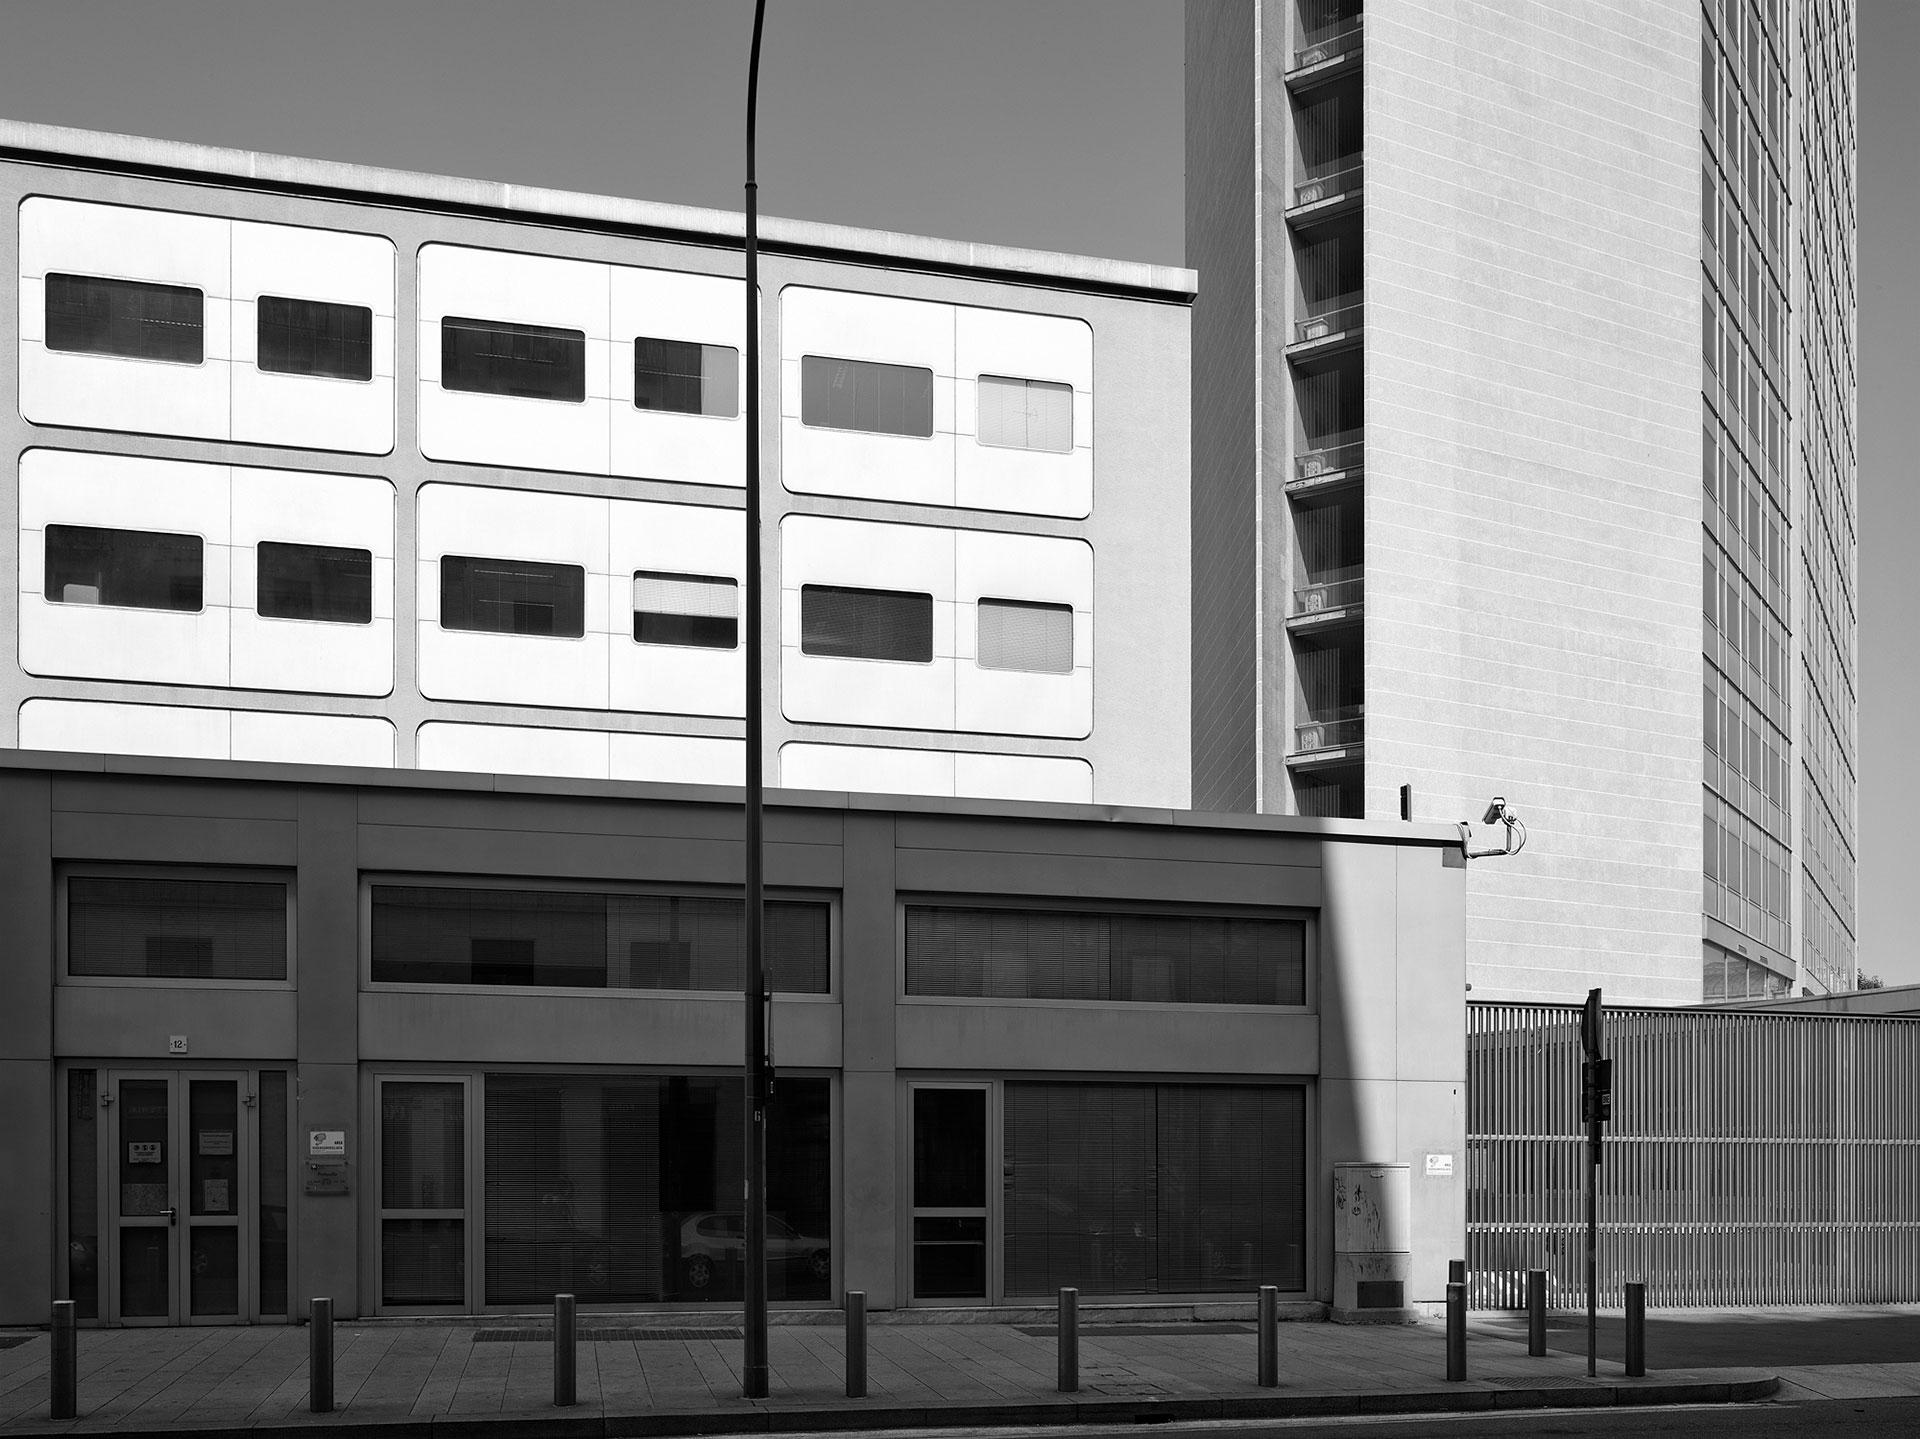 corvino + multari - atlante dell'architettura contemporanea - grattacielo pirelli